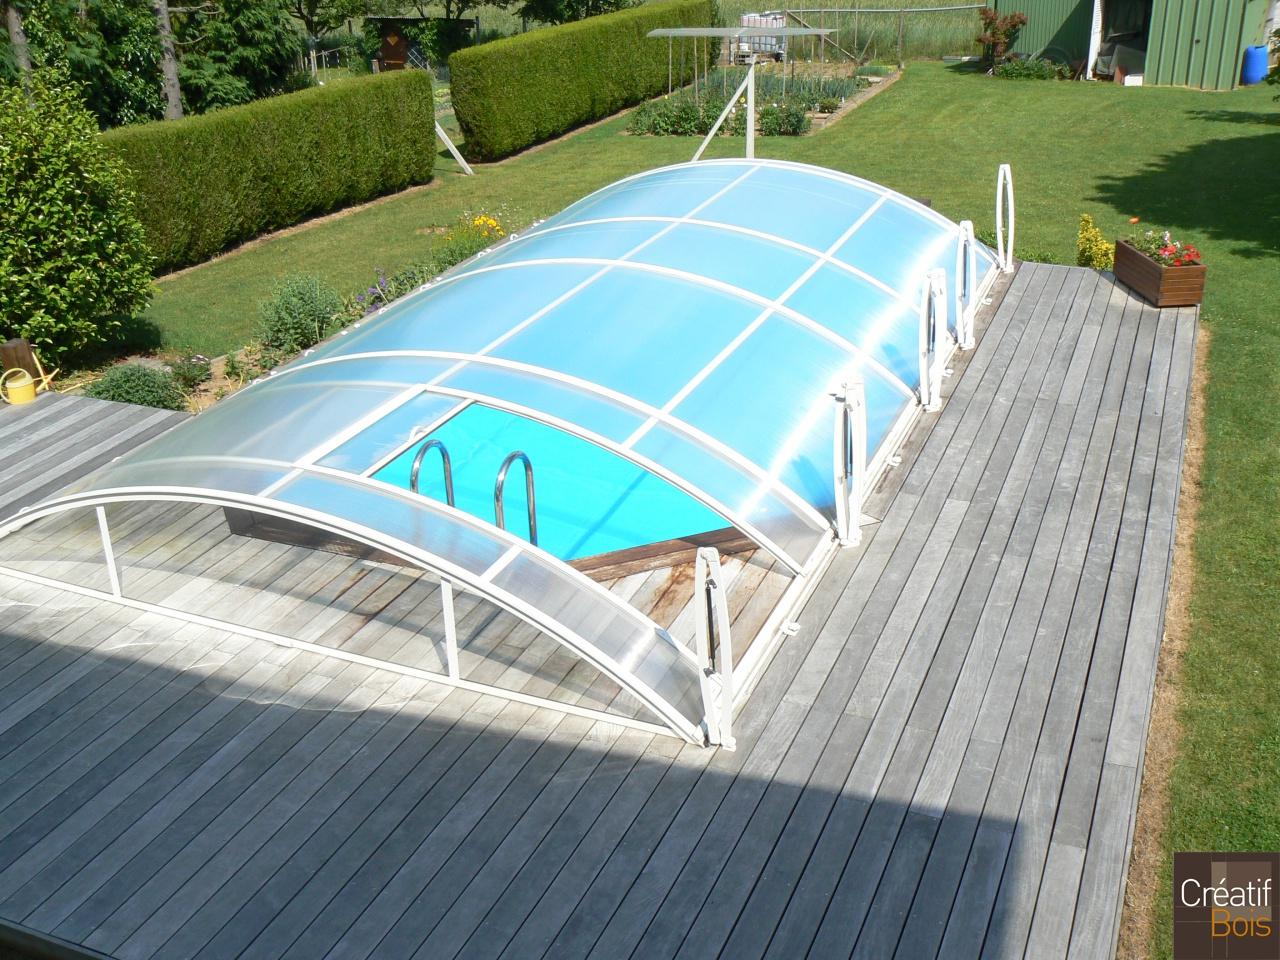 plage de piscine rilhac rancon haute vienne 87 plages. Black Bedroom Furniture Sets. Home Design Ideas